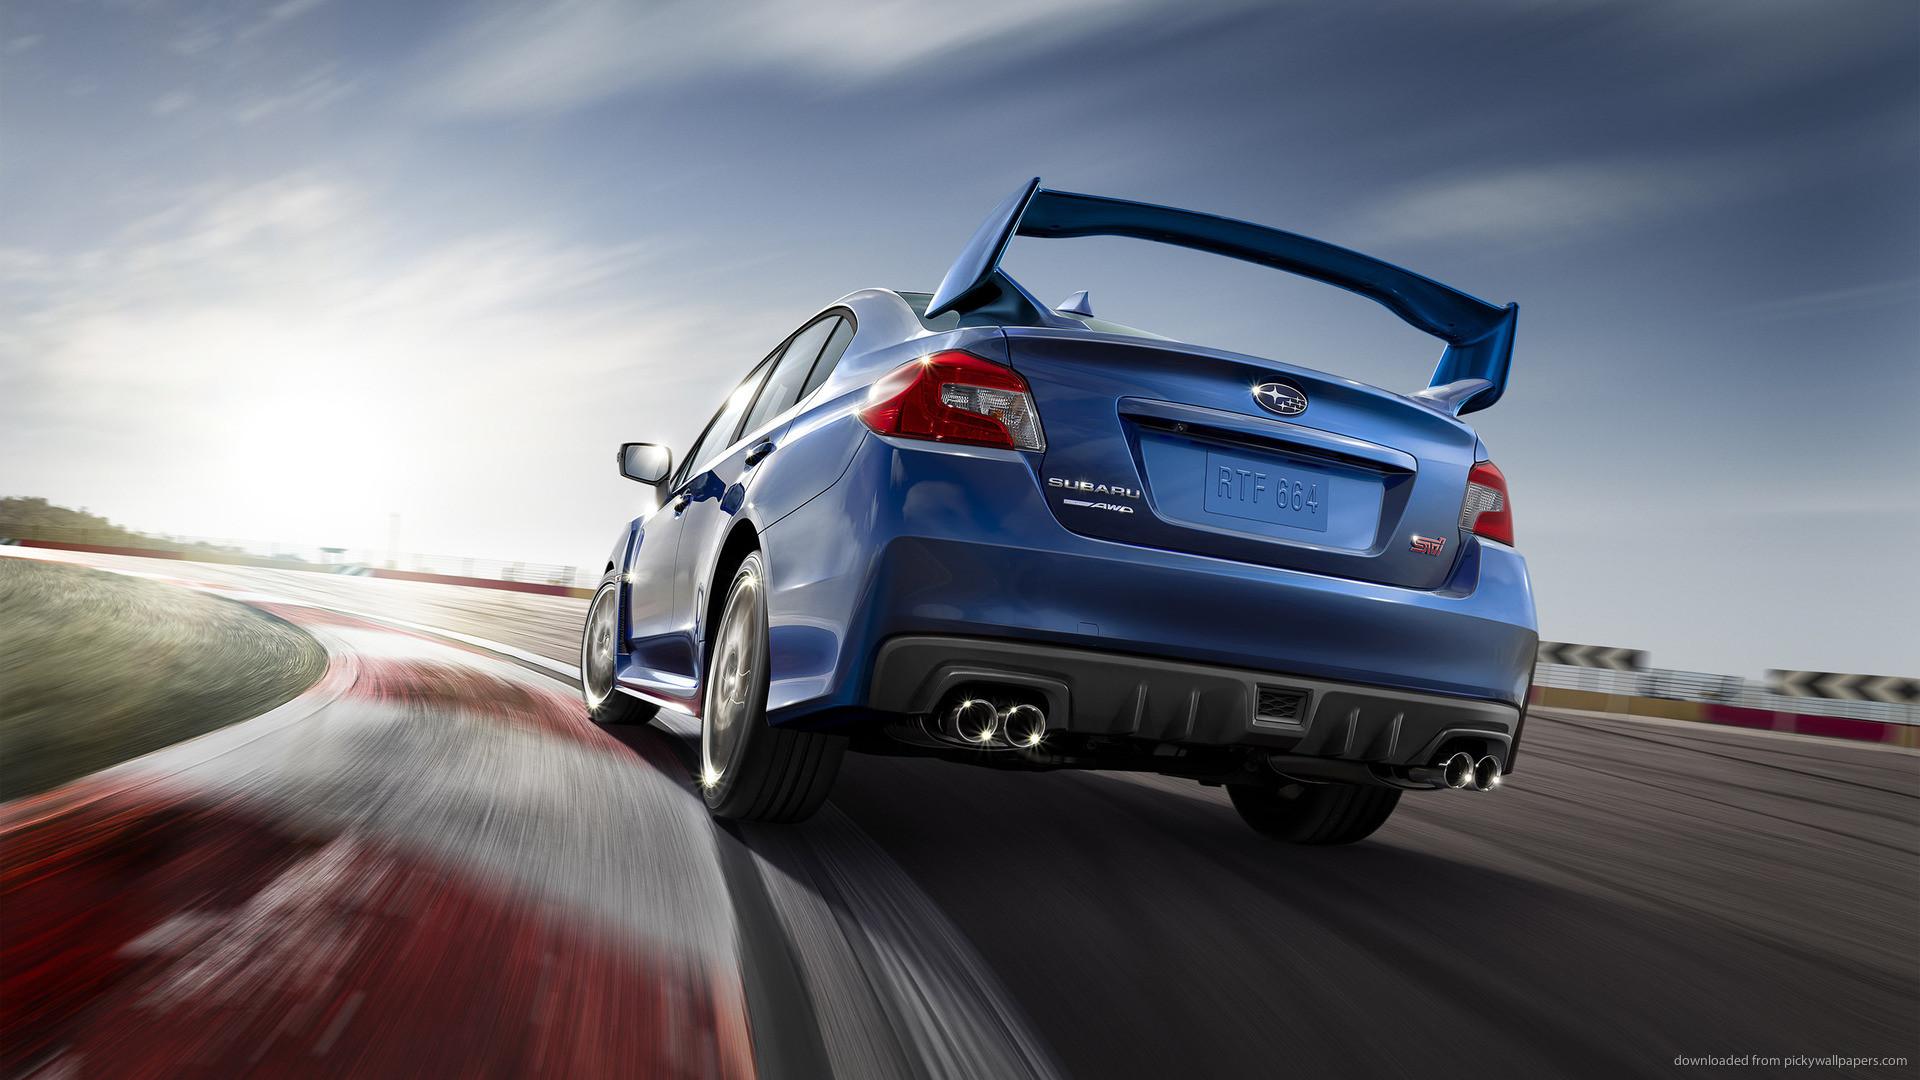 Subaru WRX STI Launch Edition Back picture